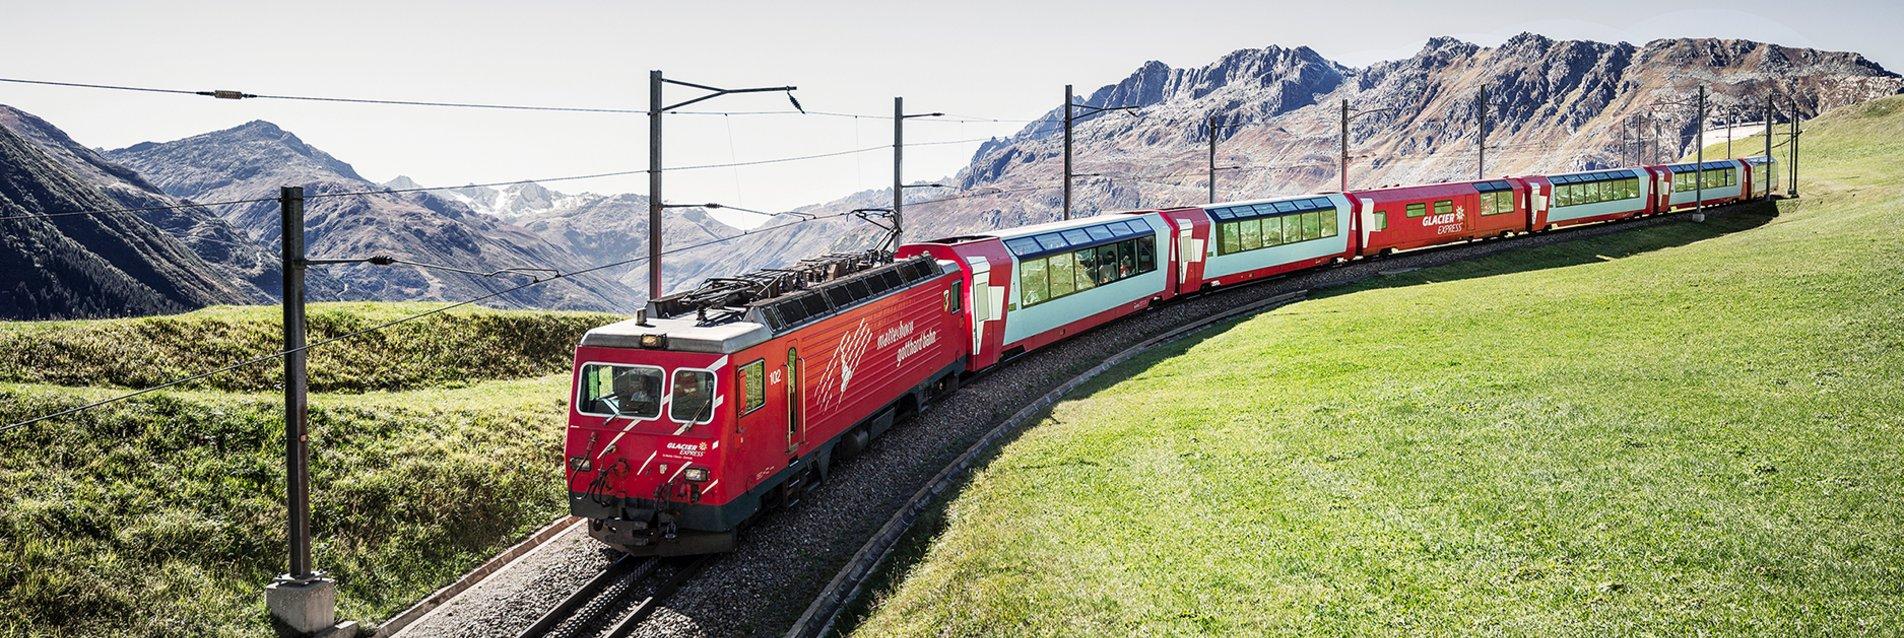 Glacier Express in der Nähe vom Oberalppass Graubünden Schweiz